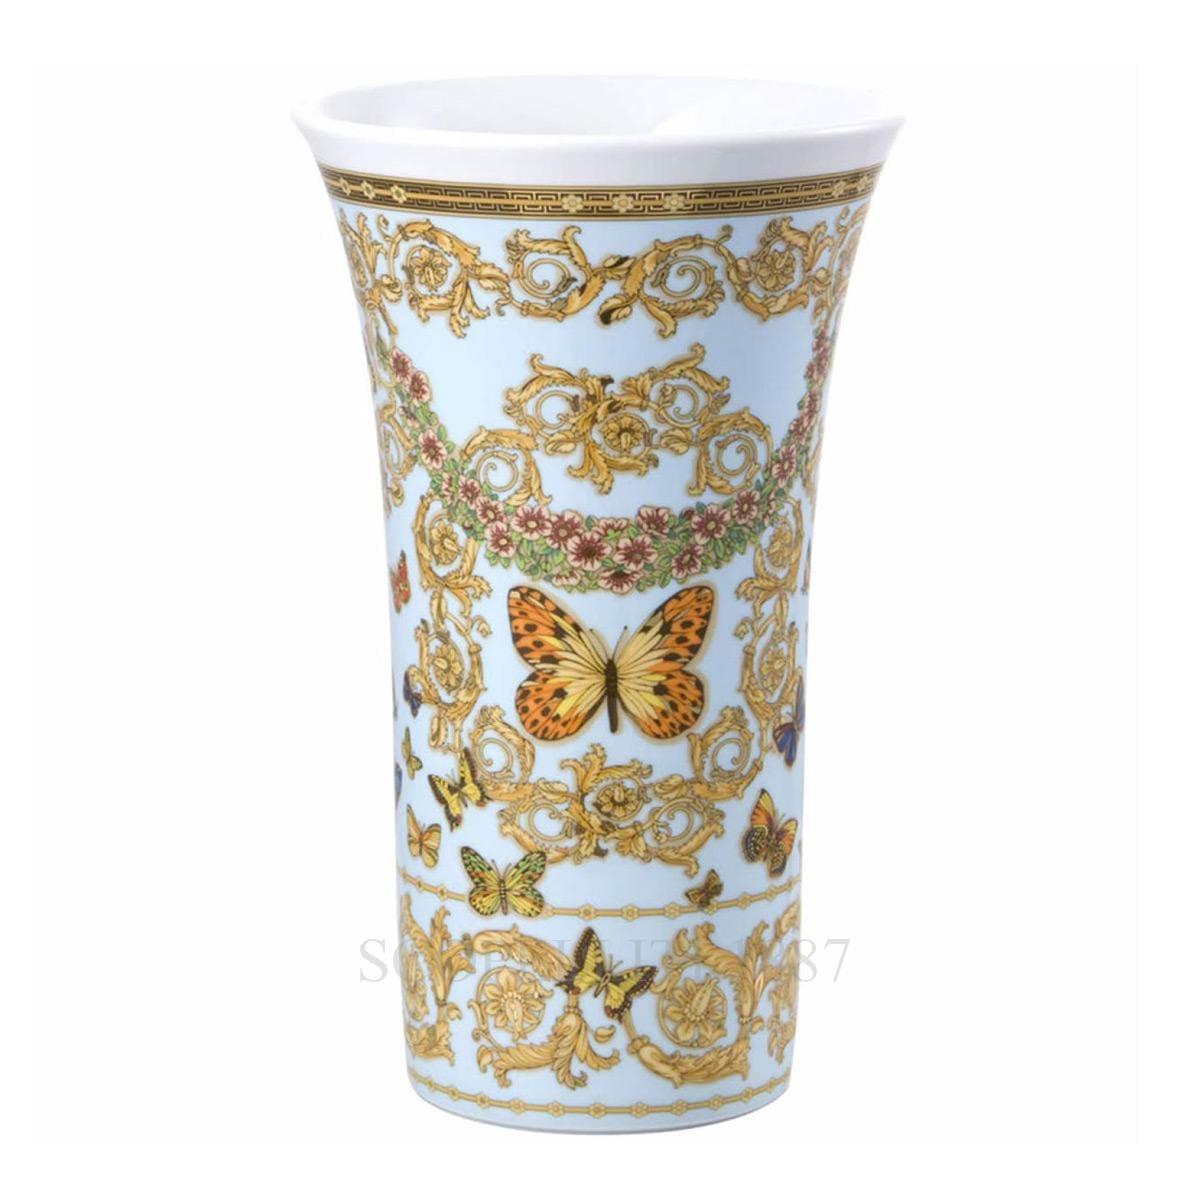 versace italian design le jardin de versace vase large